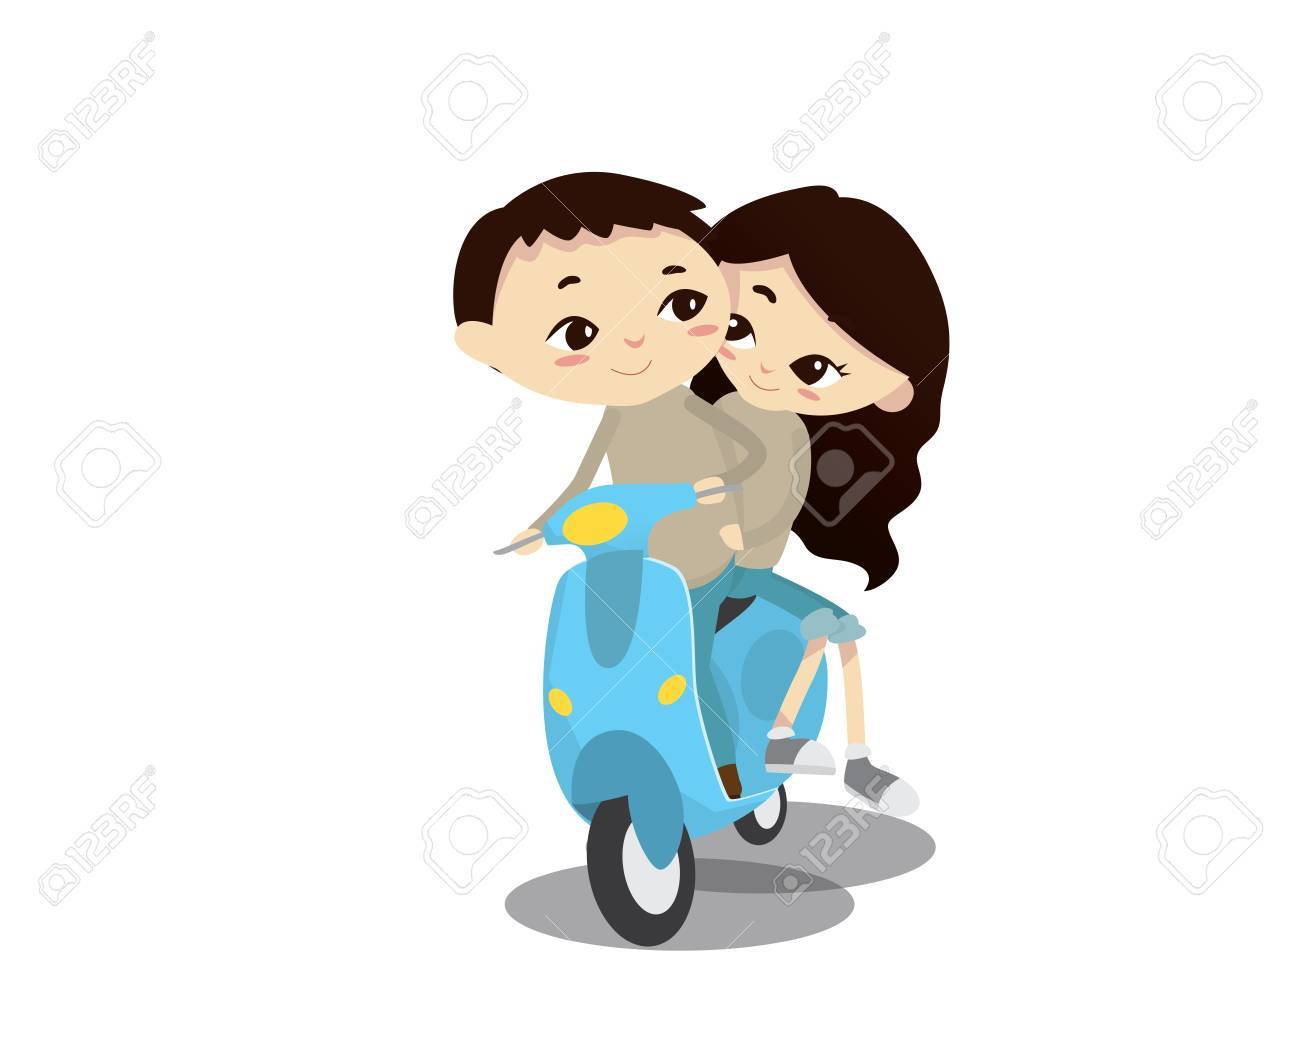 ロマンチックなバレンタインのカップル イラスト - 午後のスクーターに